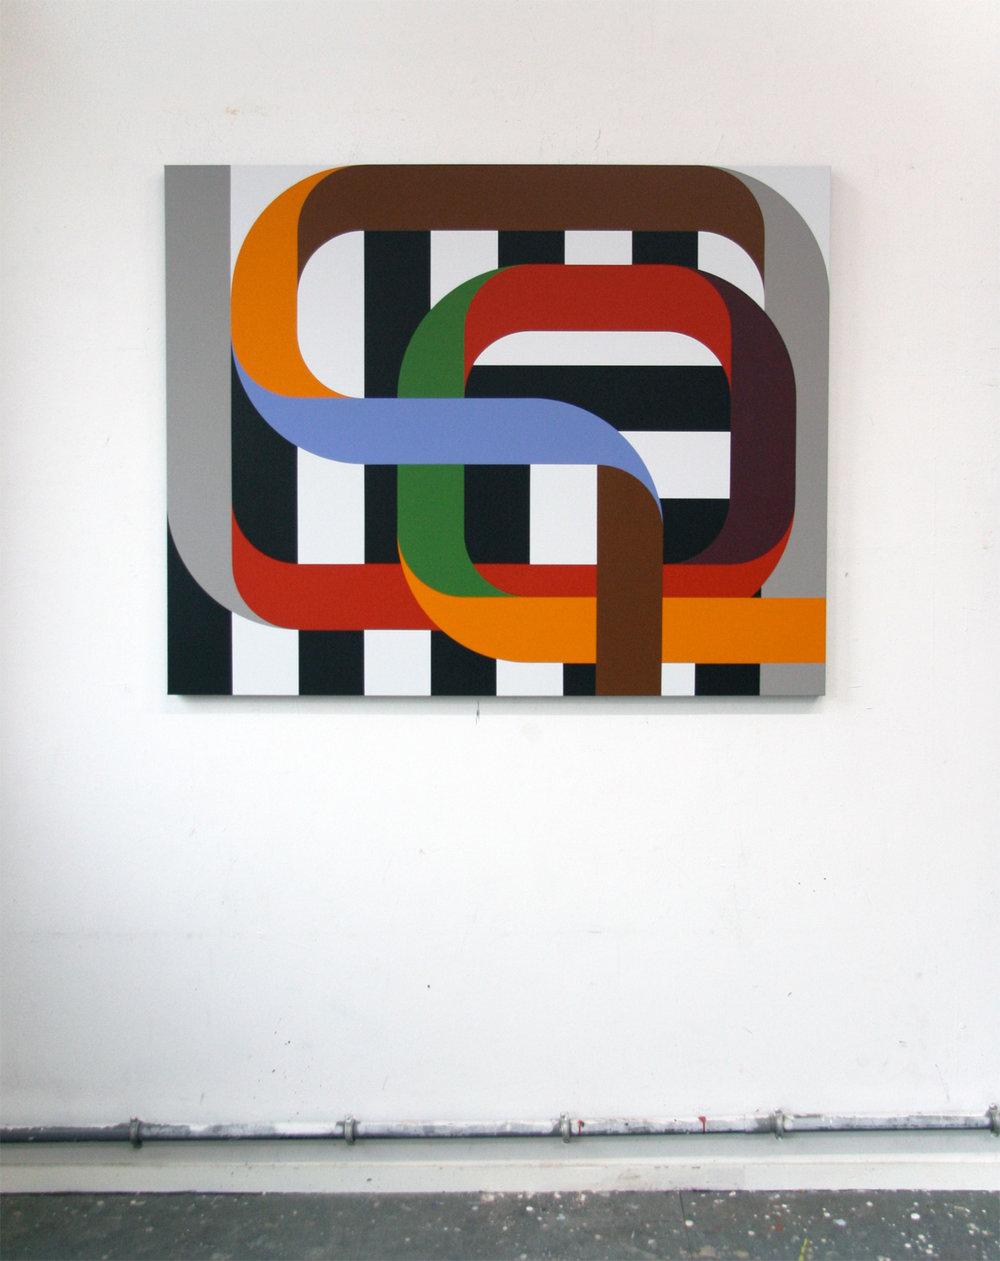 CROSSINGS 6 150 x 120 x 4,5 cm Acrylic on canvas 2018  ropp schouten